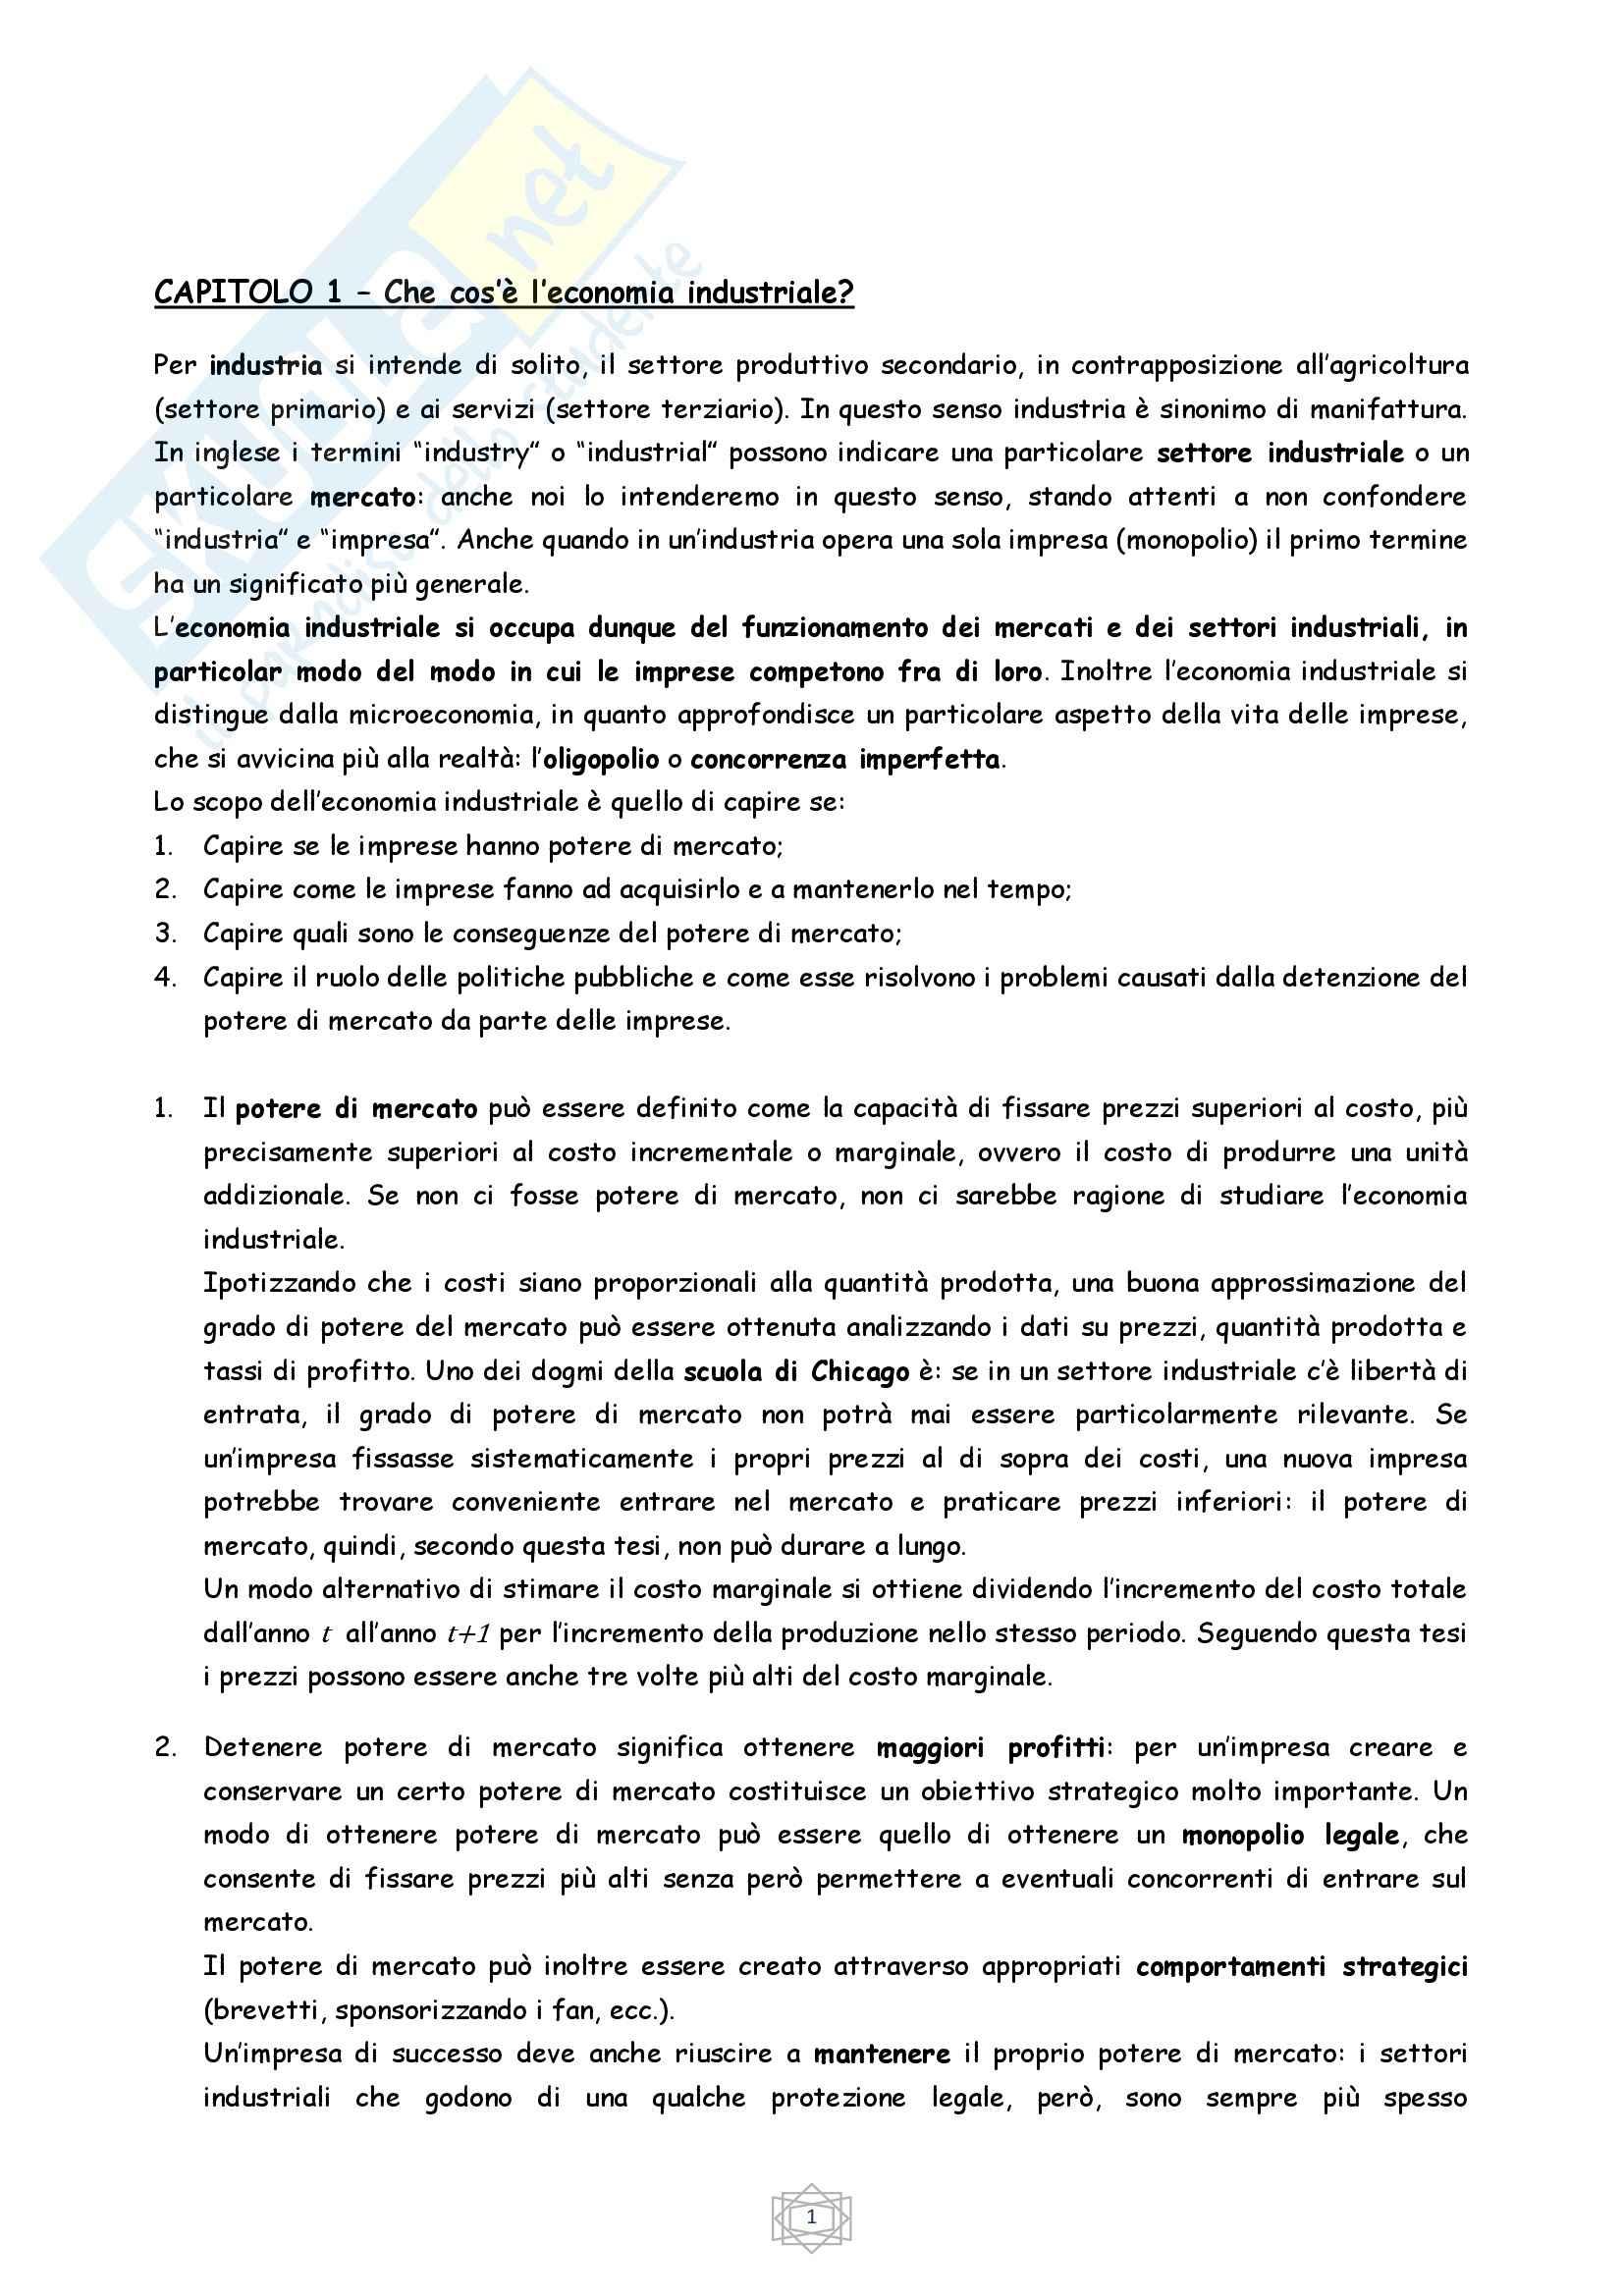 Riassunto esame Economia Industriale, prof. Atzeni, libro consigliato Economia Industriale, Cabral (parte 1)